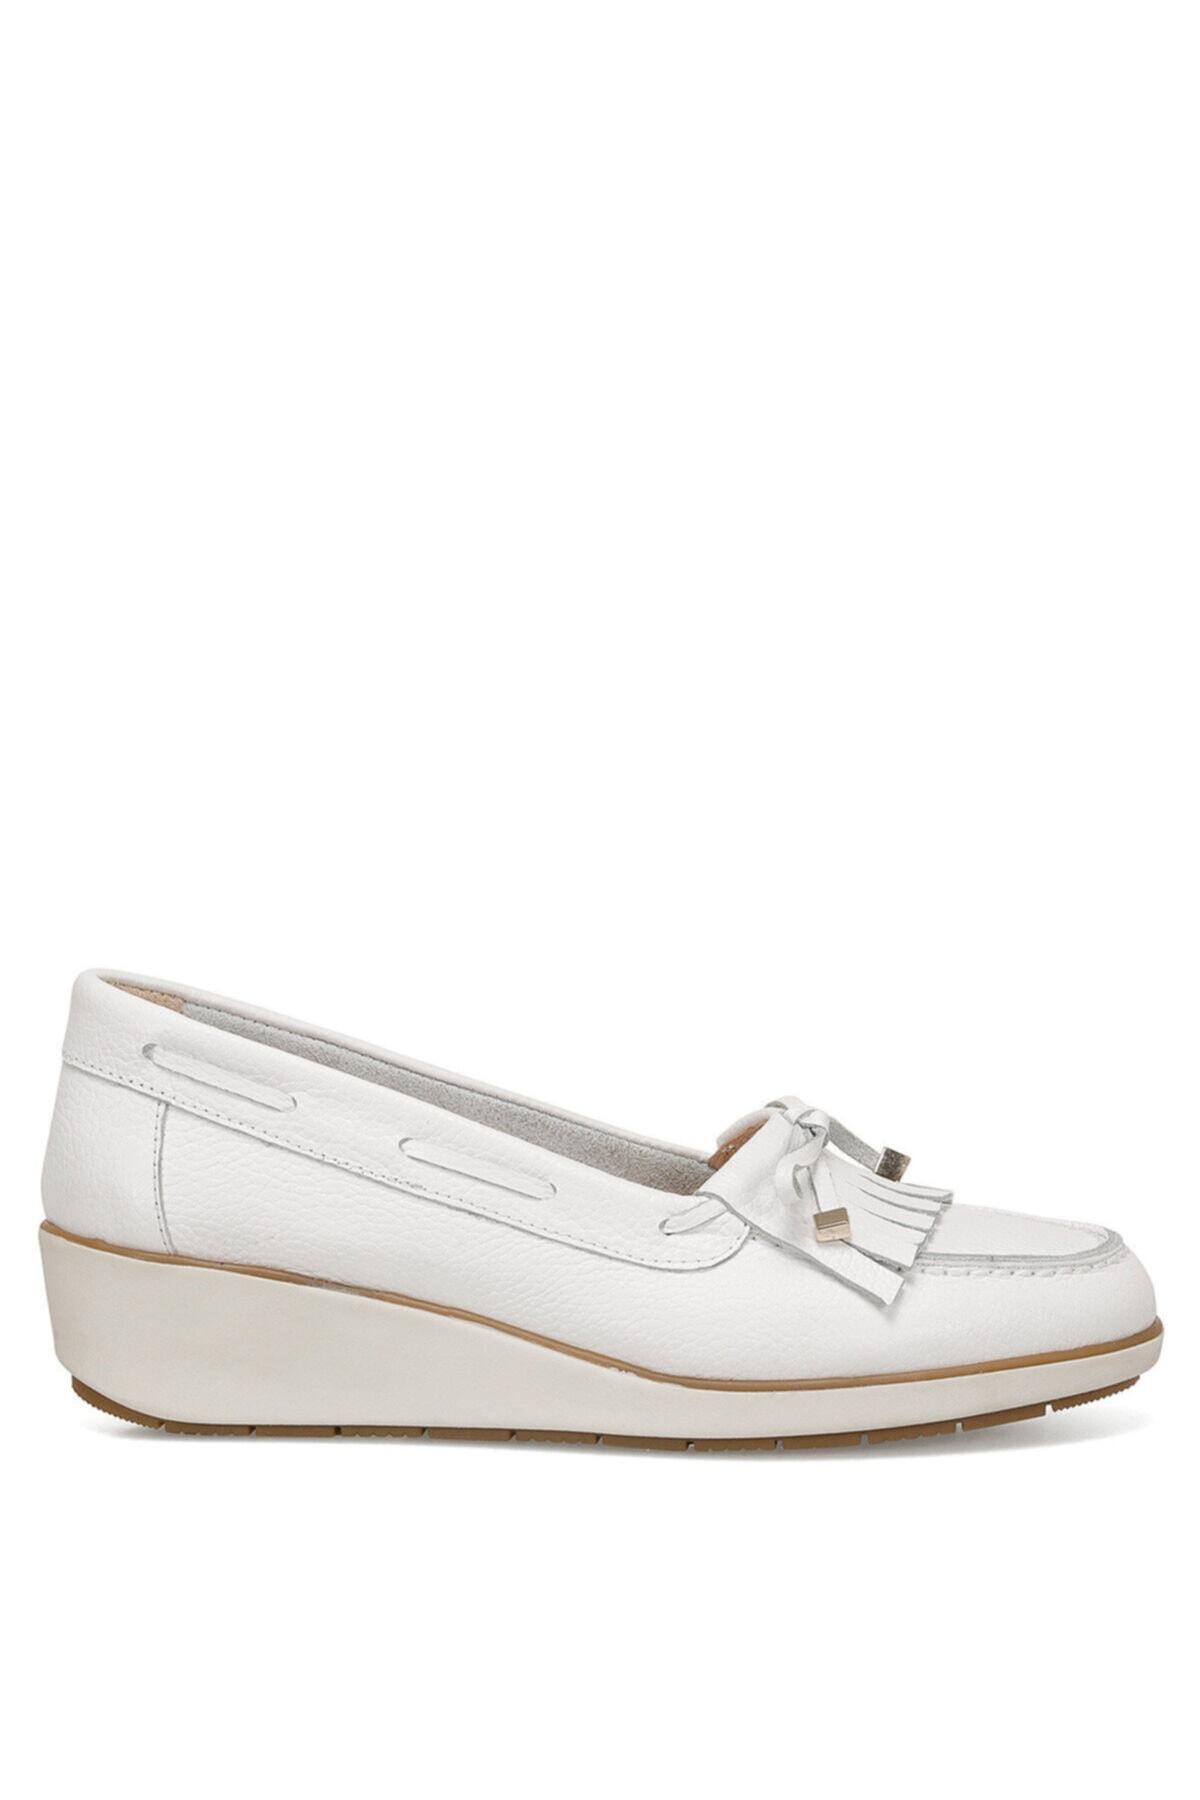 Nine West AGHA Beyaz Kadın Sandalet 100525897 1